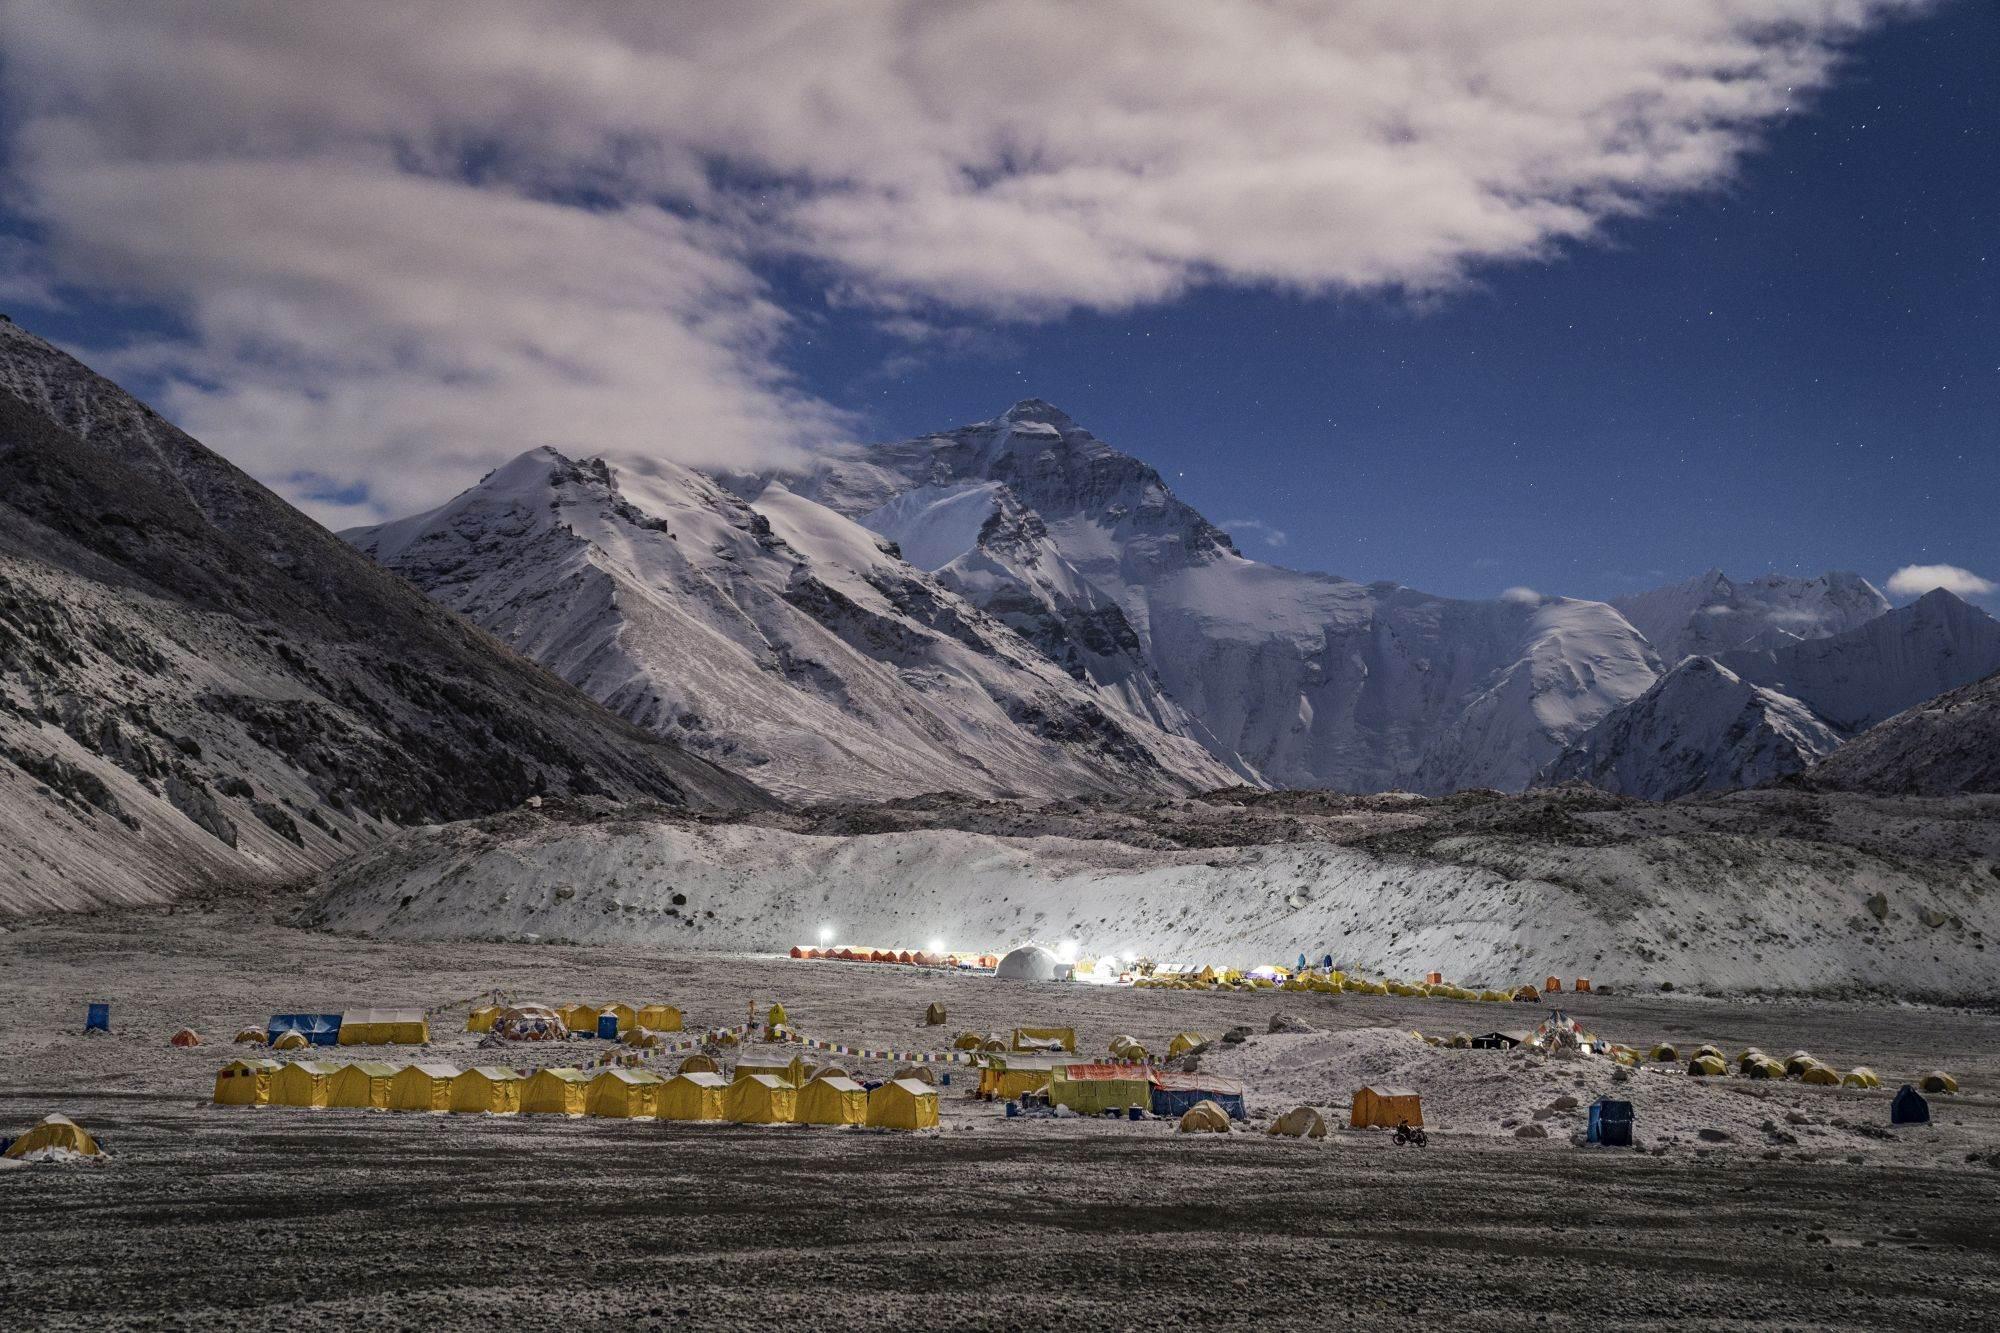 Šljunkoviti parking: Do baznog kampa Everest može se doći direktno motornim vozilom, za razliku od kolega na nepalskoj strani, koja zahteva da penjači pešače.